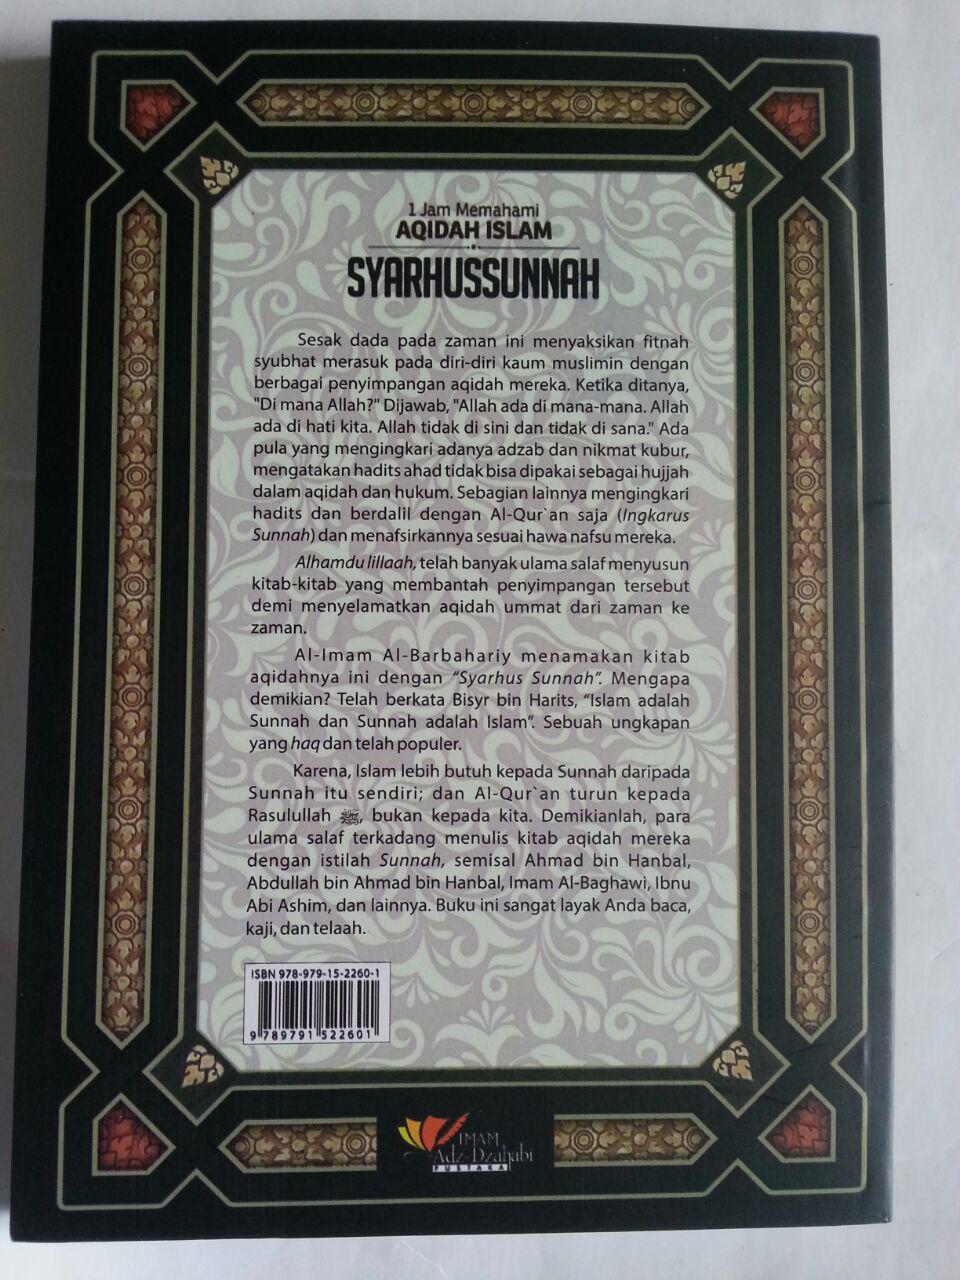 Buku Syarhus Sunnah 1 Jam Memahami Aqidah Islam cover